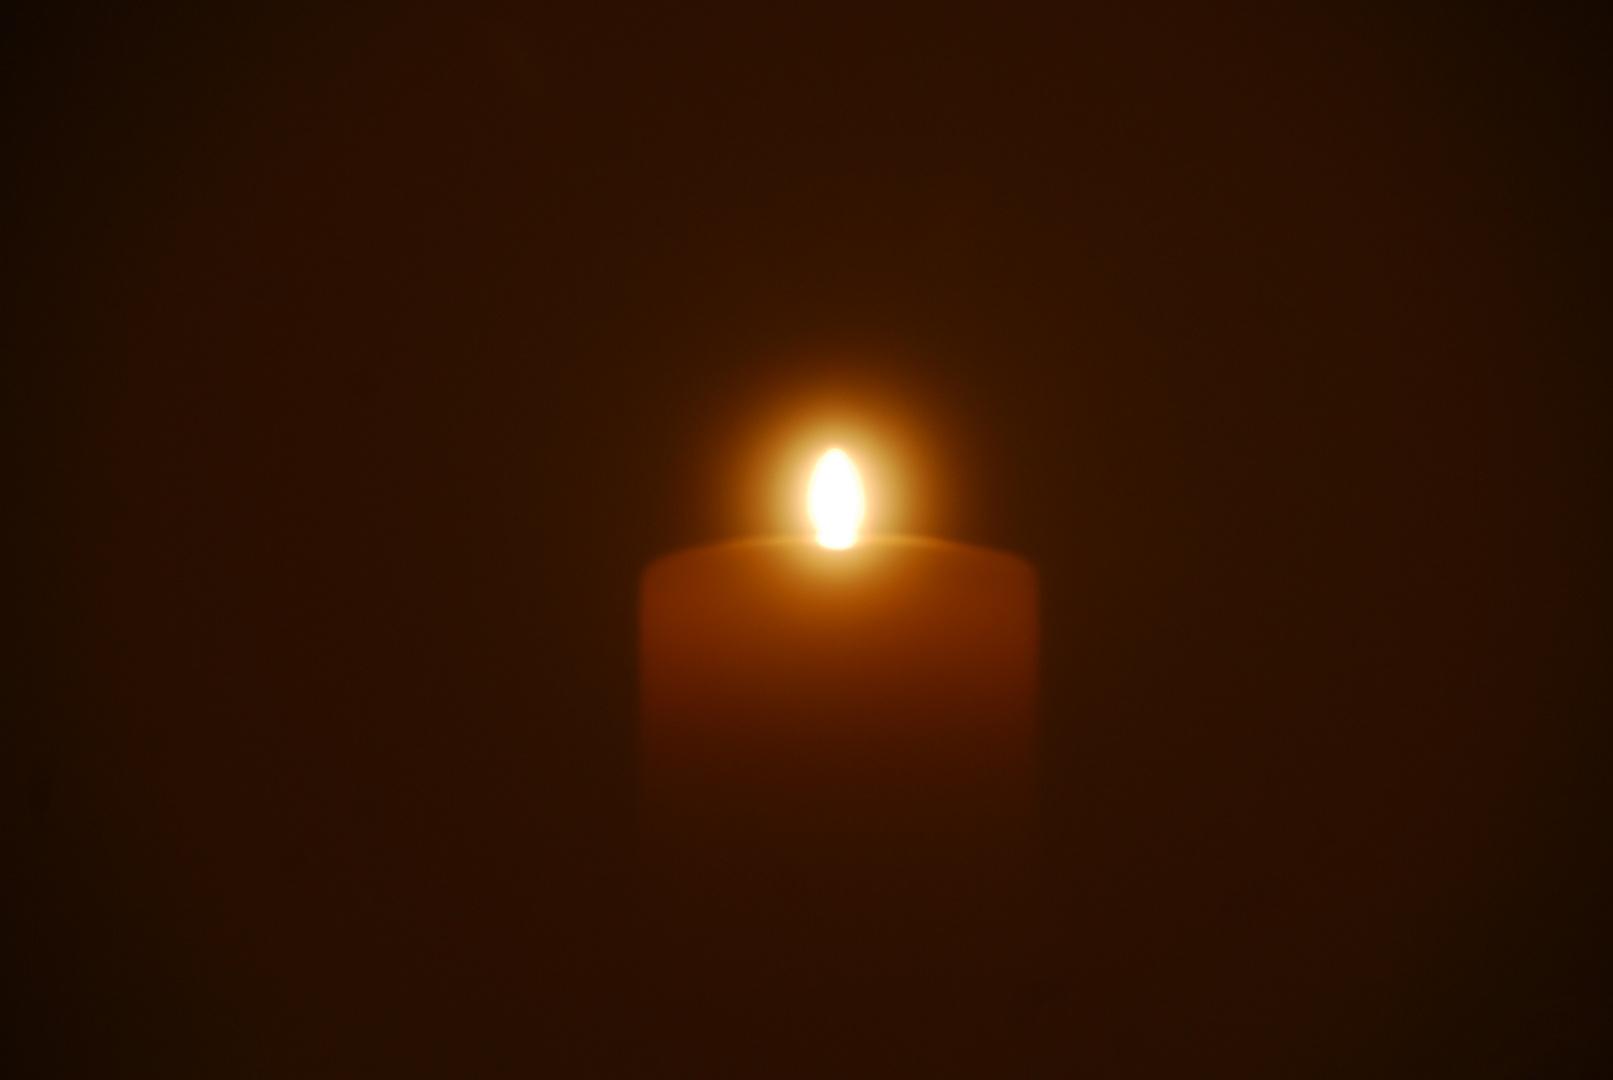 Spiegelbild von einer Kerze